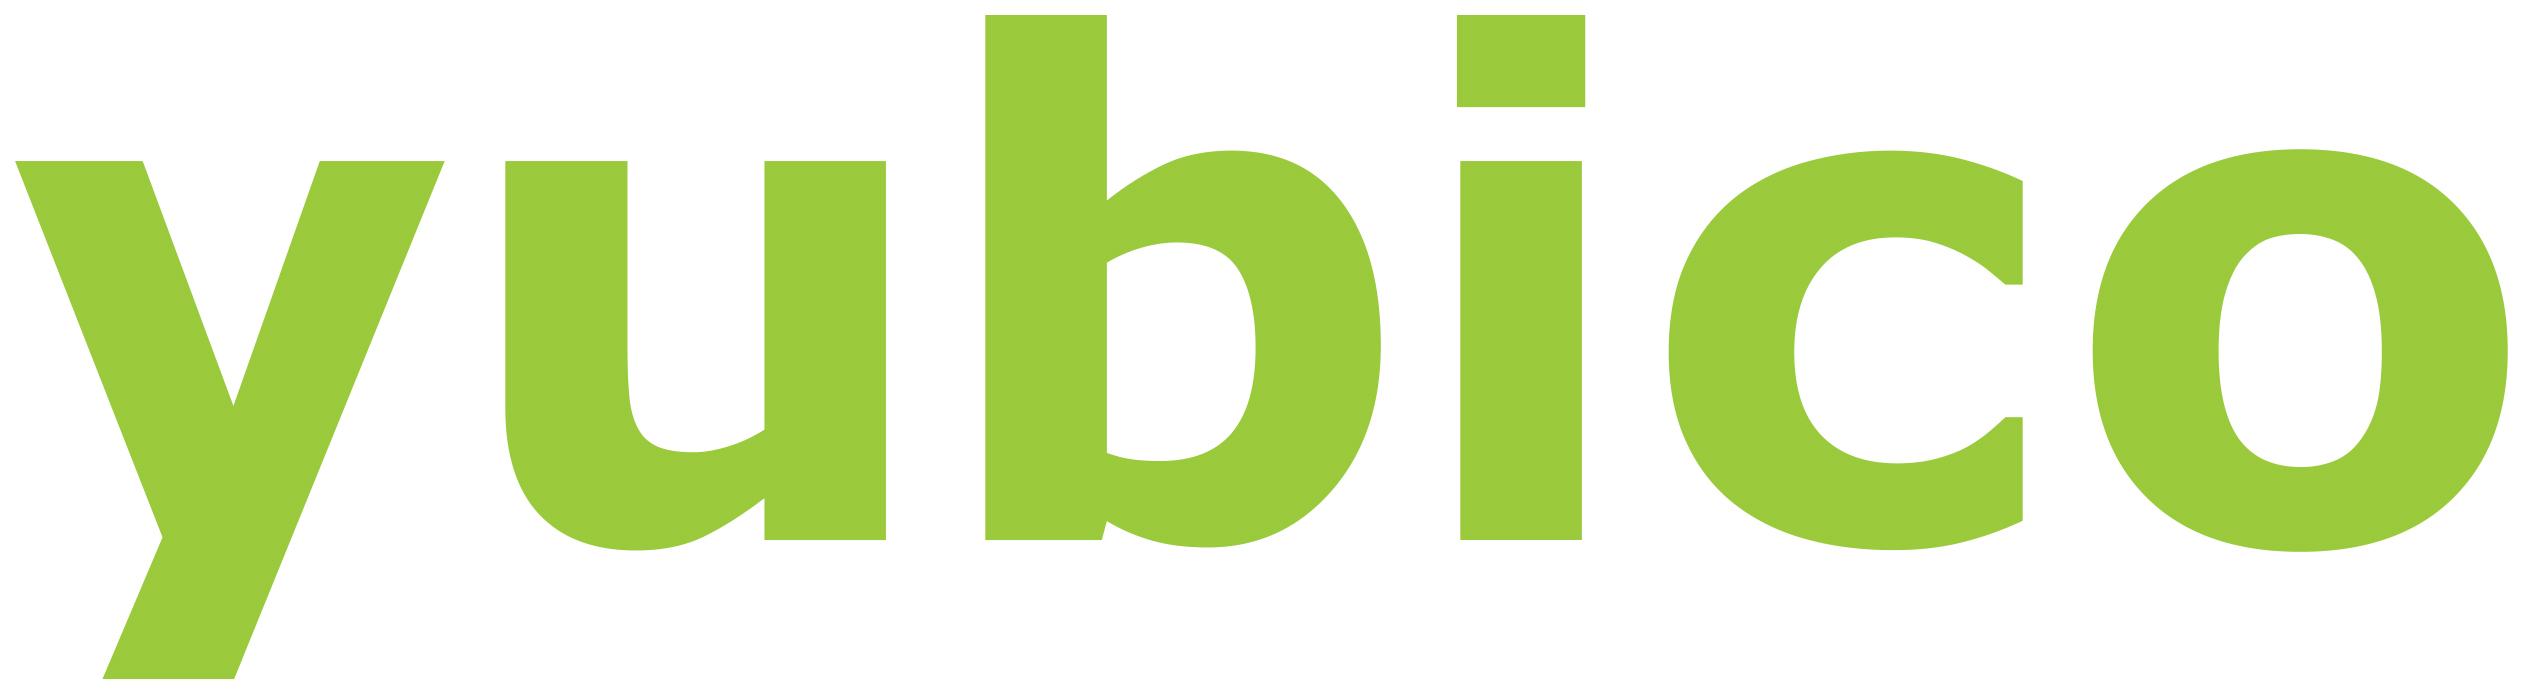 Yubico Logo Big (JPG)